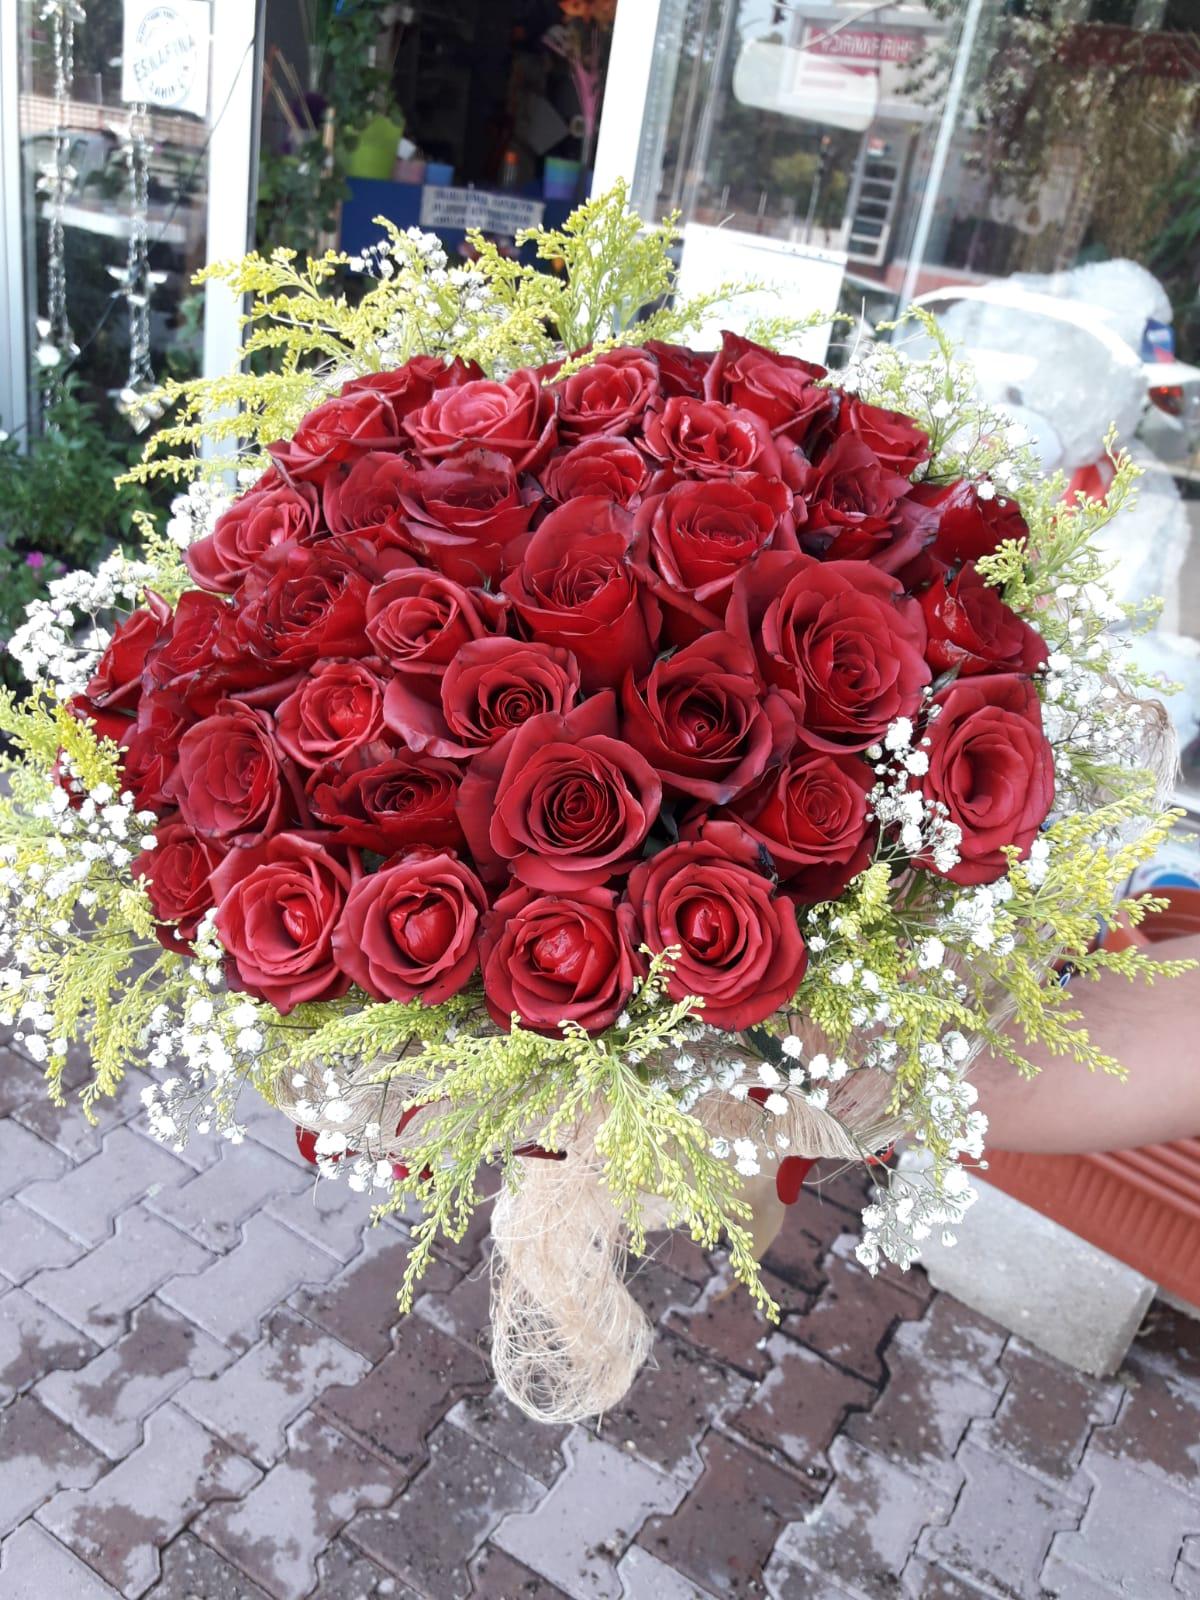 41 Gül Buketi Adiyaman çiçek Adıyamanda çiçekçi Adıyaman